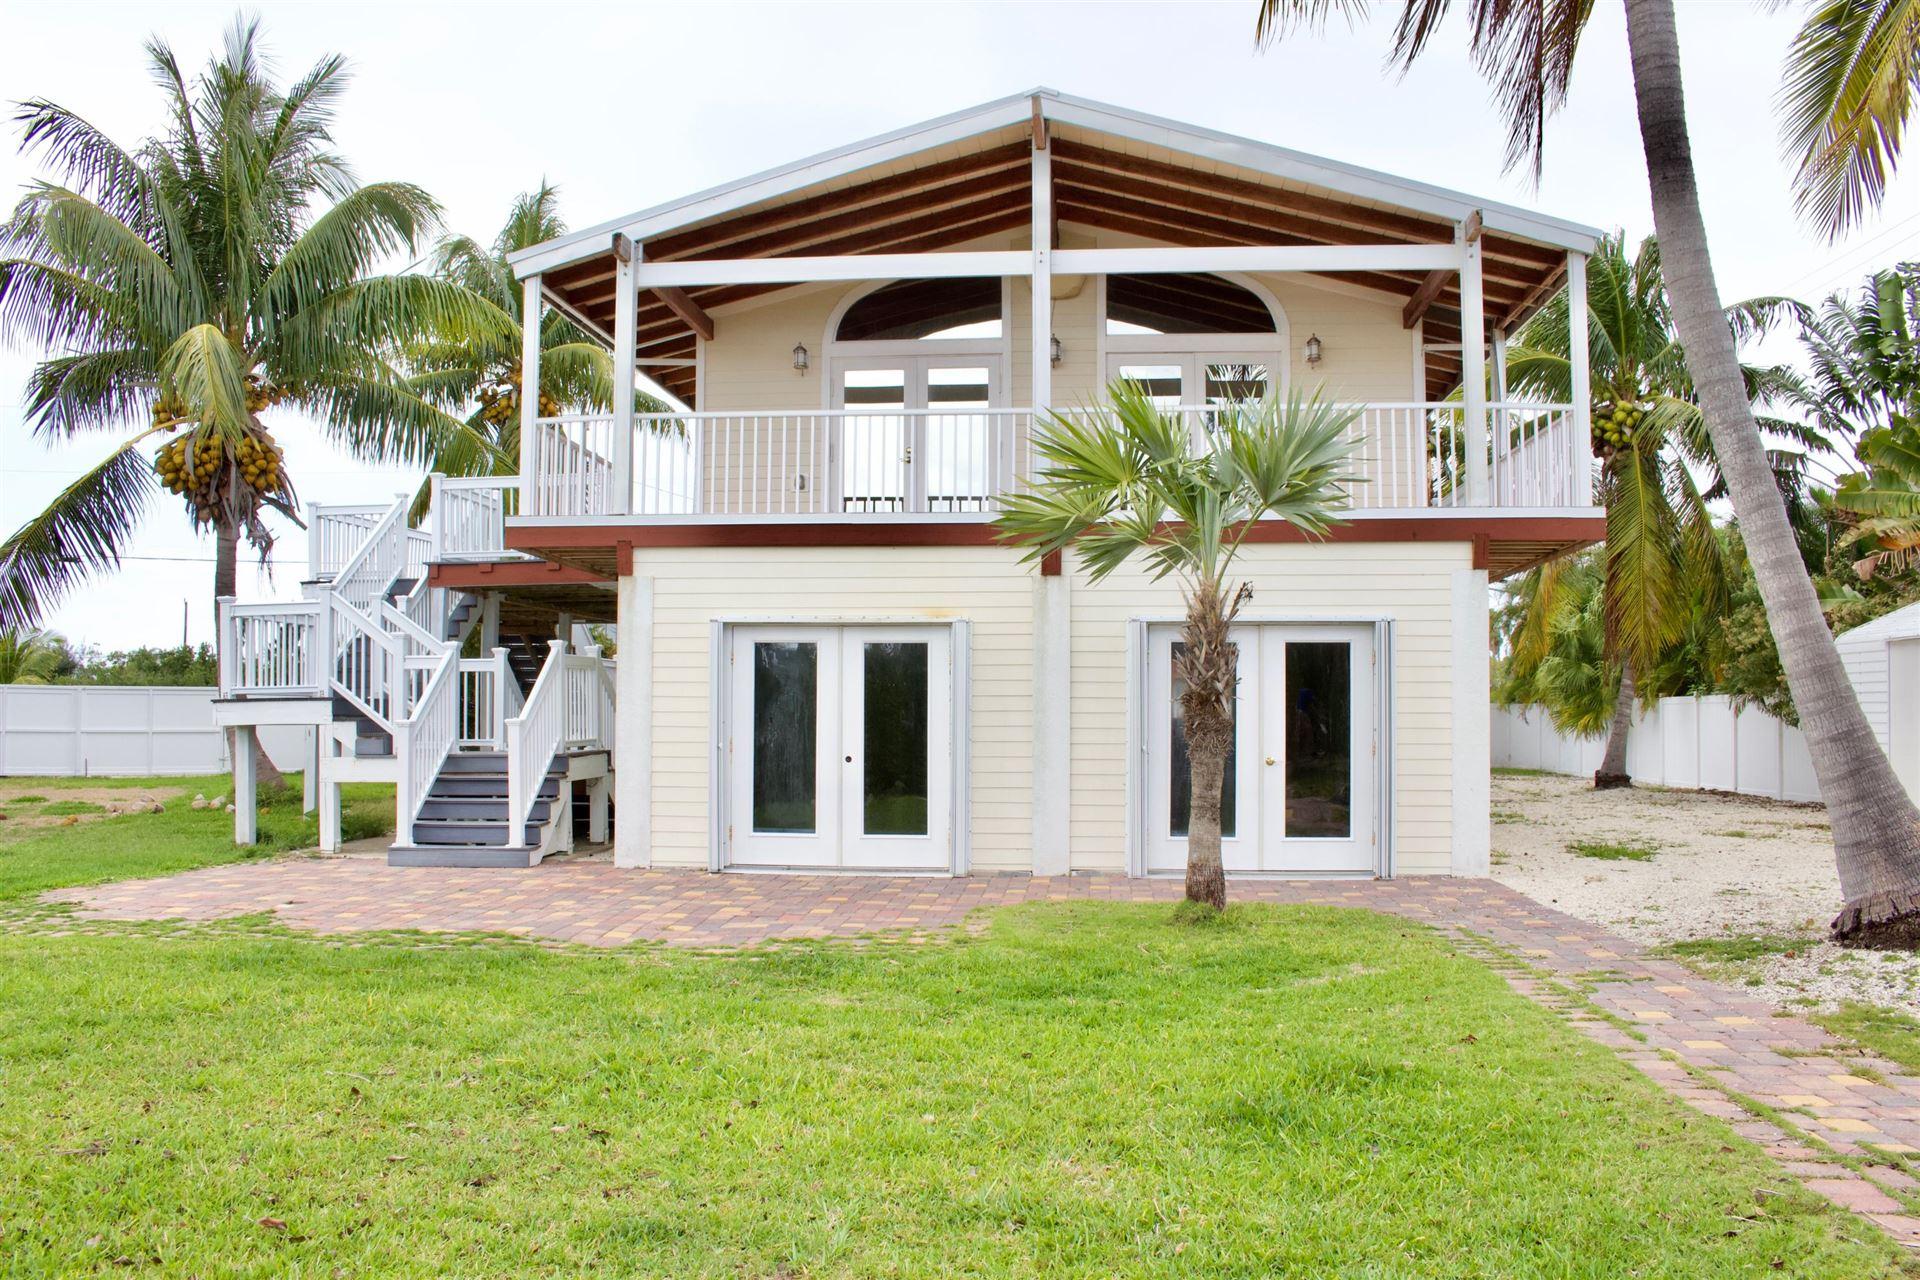 69 Horvath Road, Big Pine, FL 33043 - #: 589867